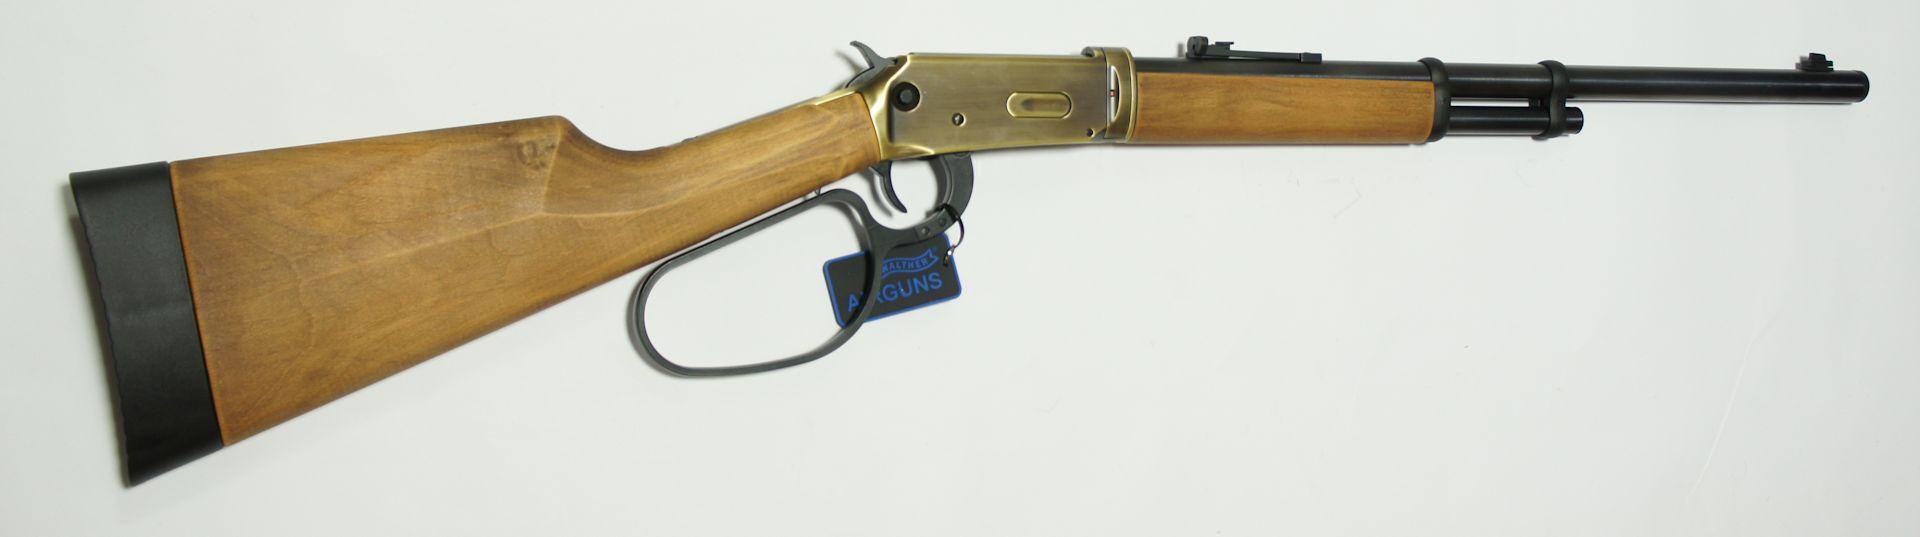 CO2 Winchester, Walther Lever Action, Duke von der rechten Seite